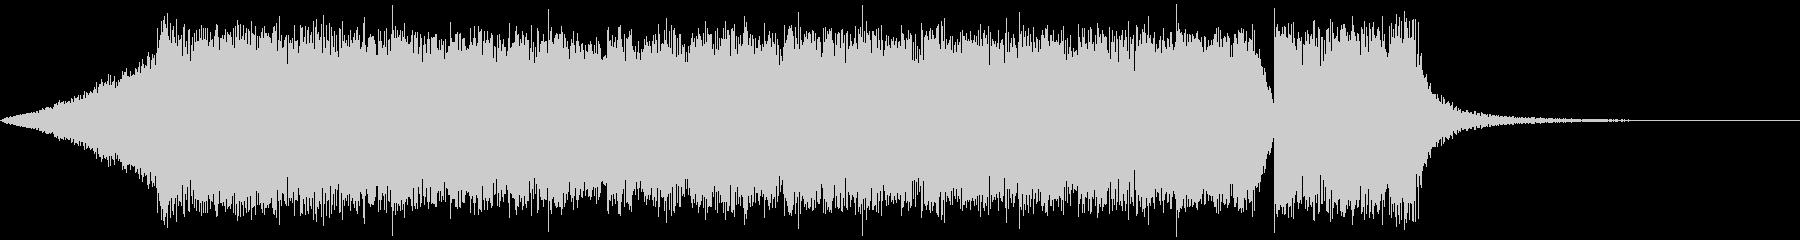 シンプルなメタル系のジングル2の未再生の波形